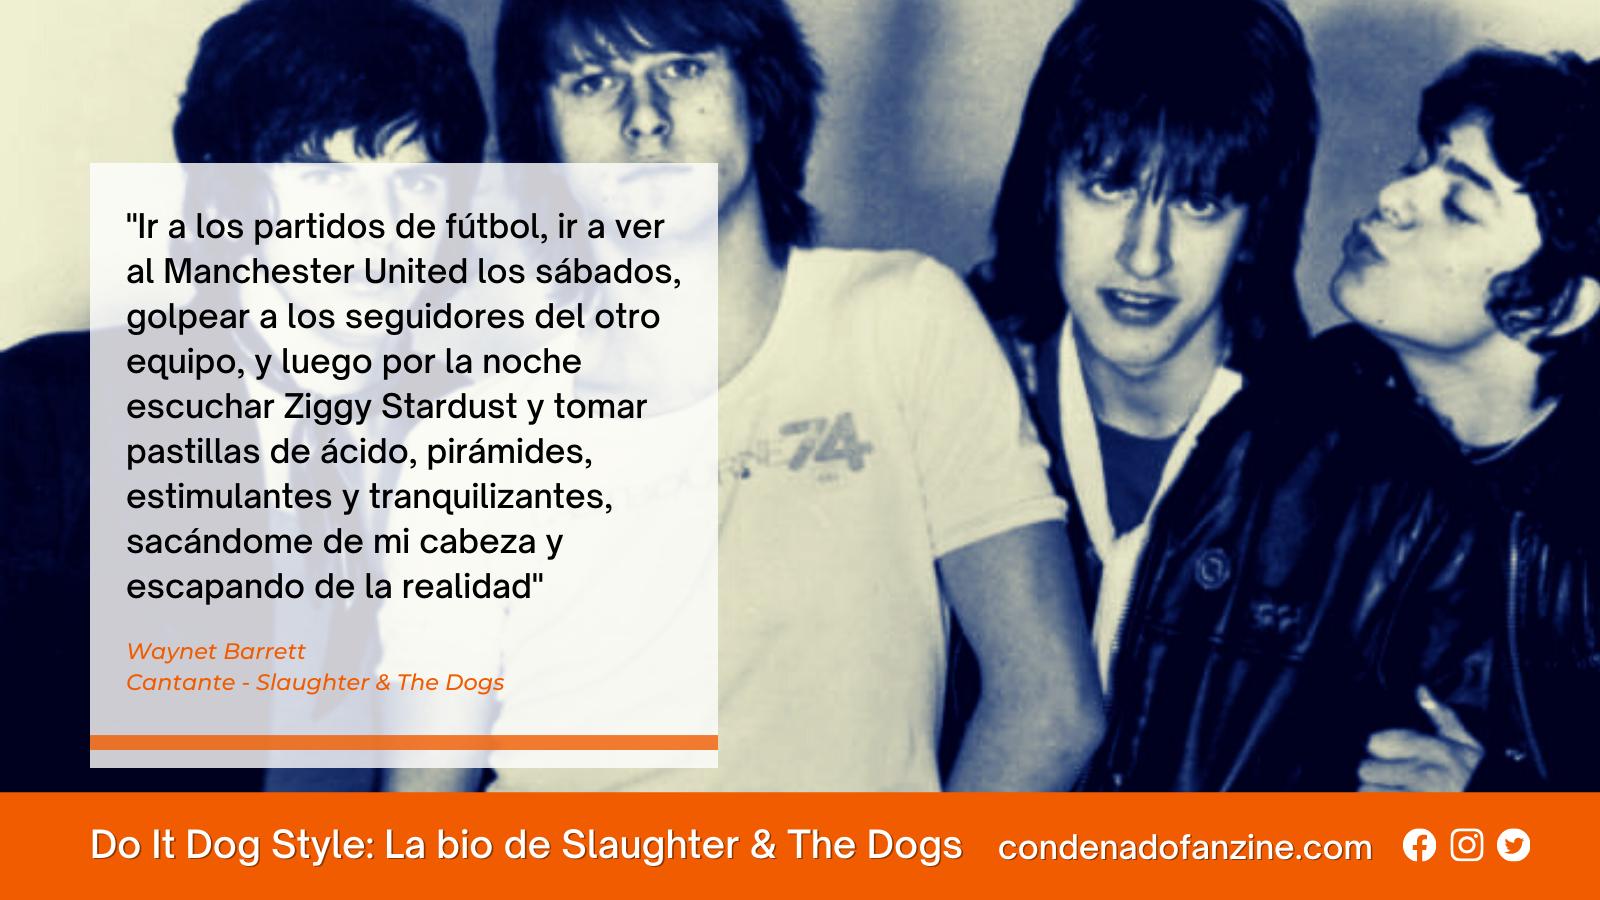 Artículo con la biografía de Slaughter & The Dogs (1976-1980) de Condenado Fanzine